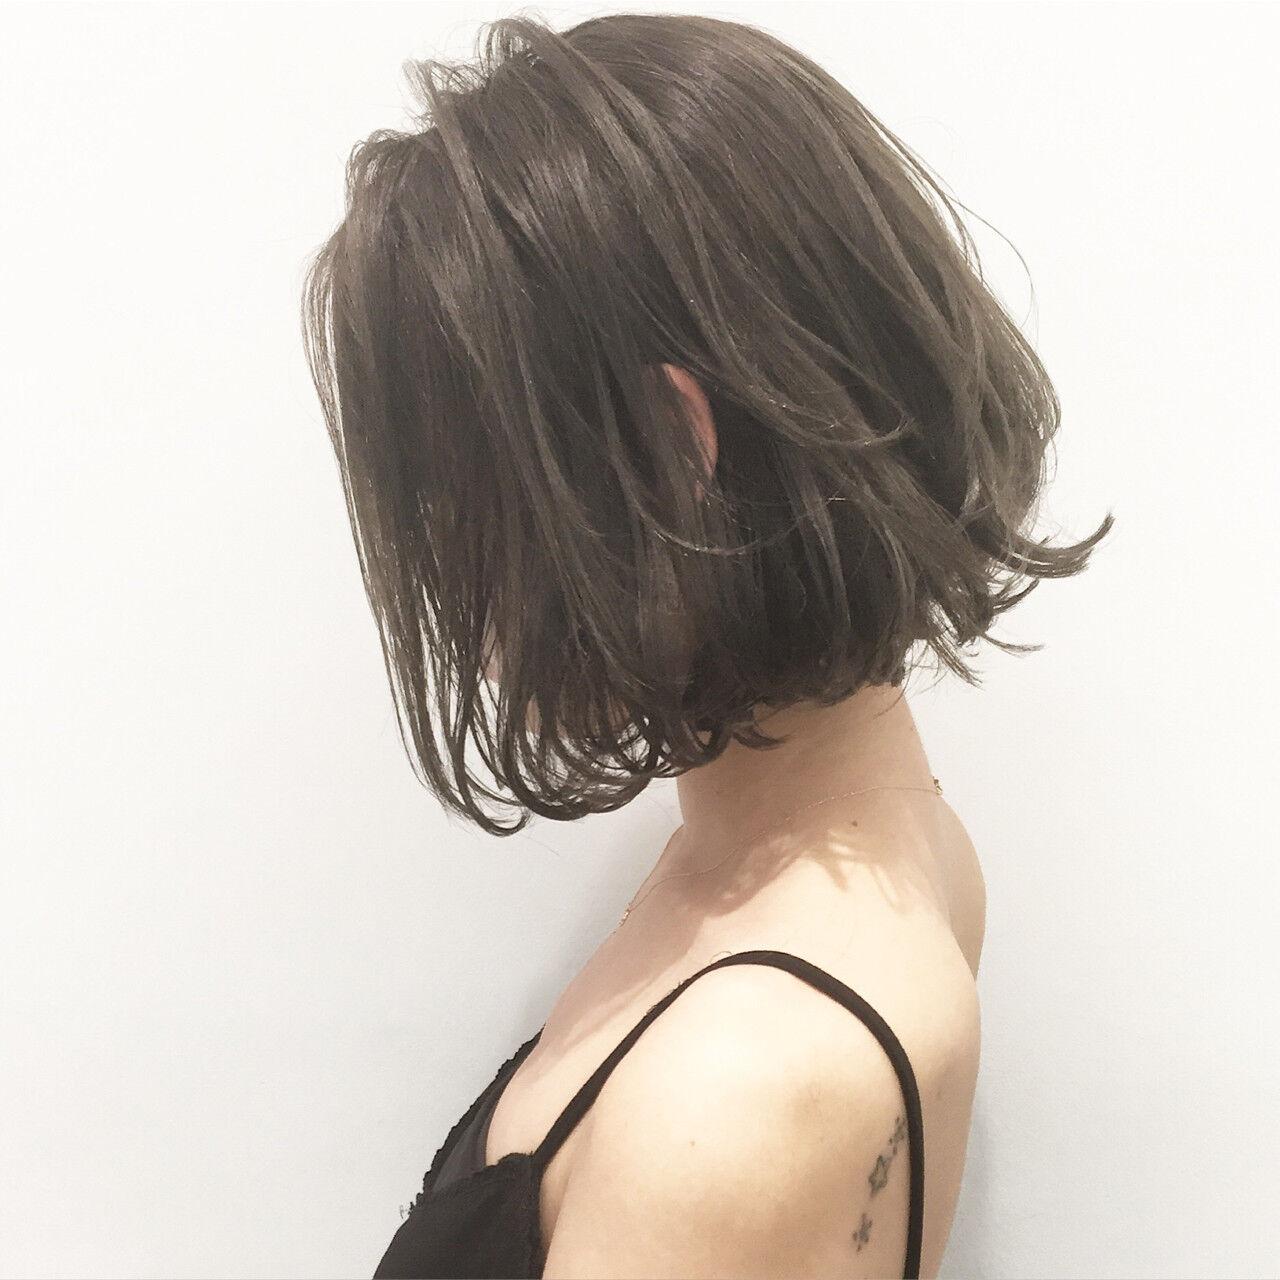 アッシュ 外国人風 暗髪 ストリートヘアスタイルや髪型の写真・画像